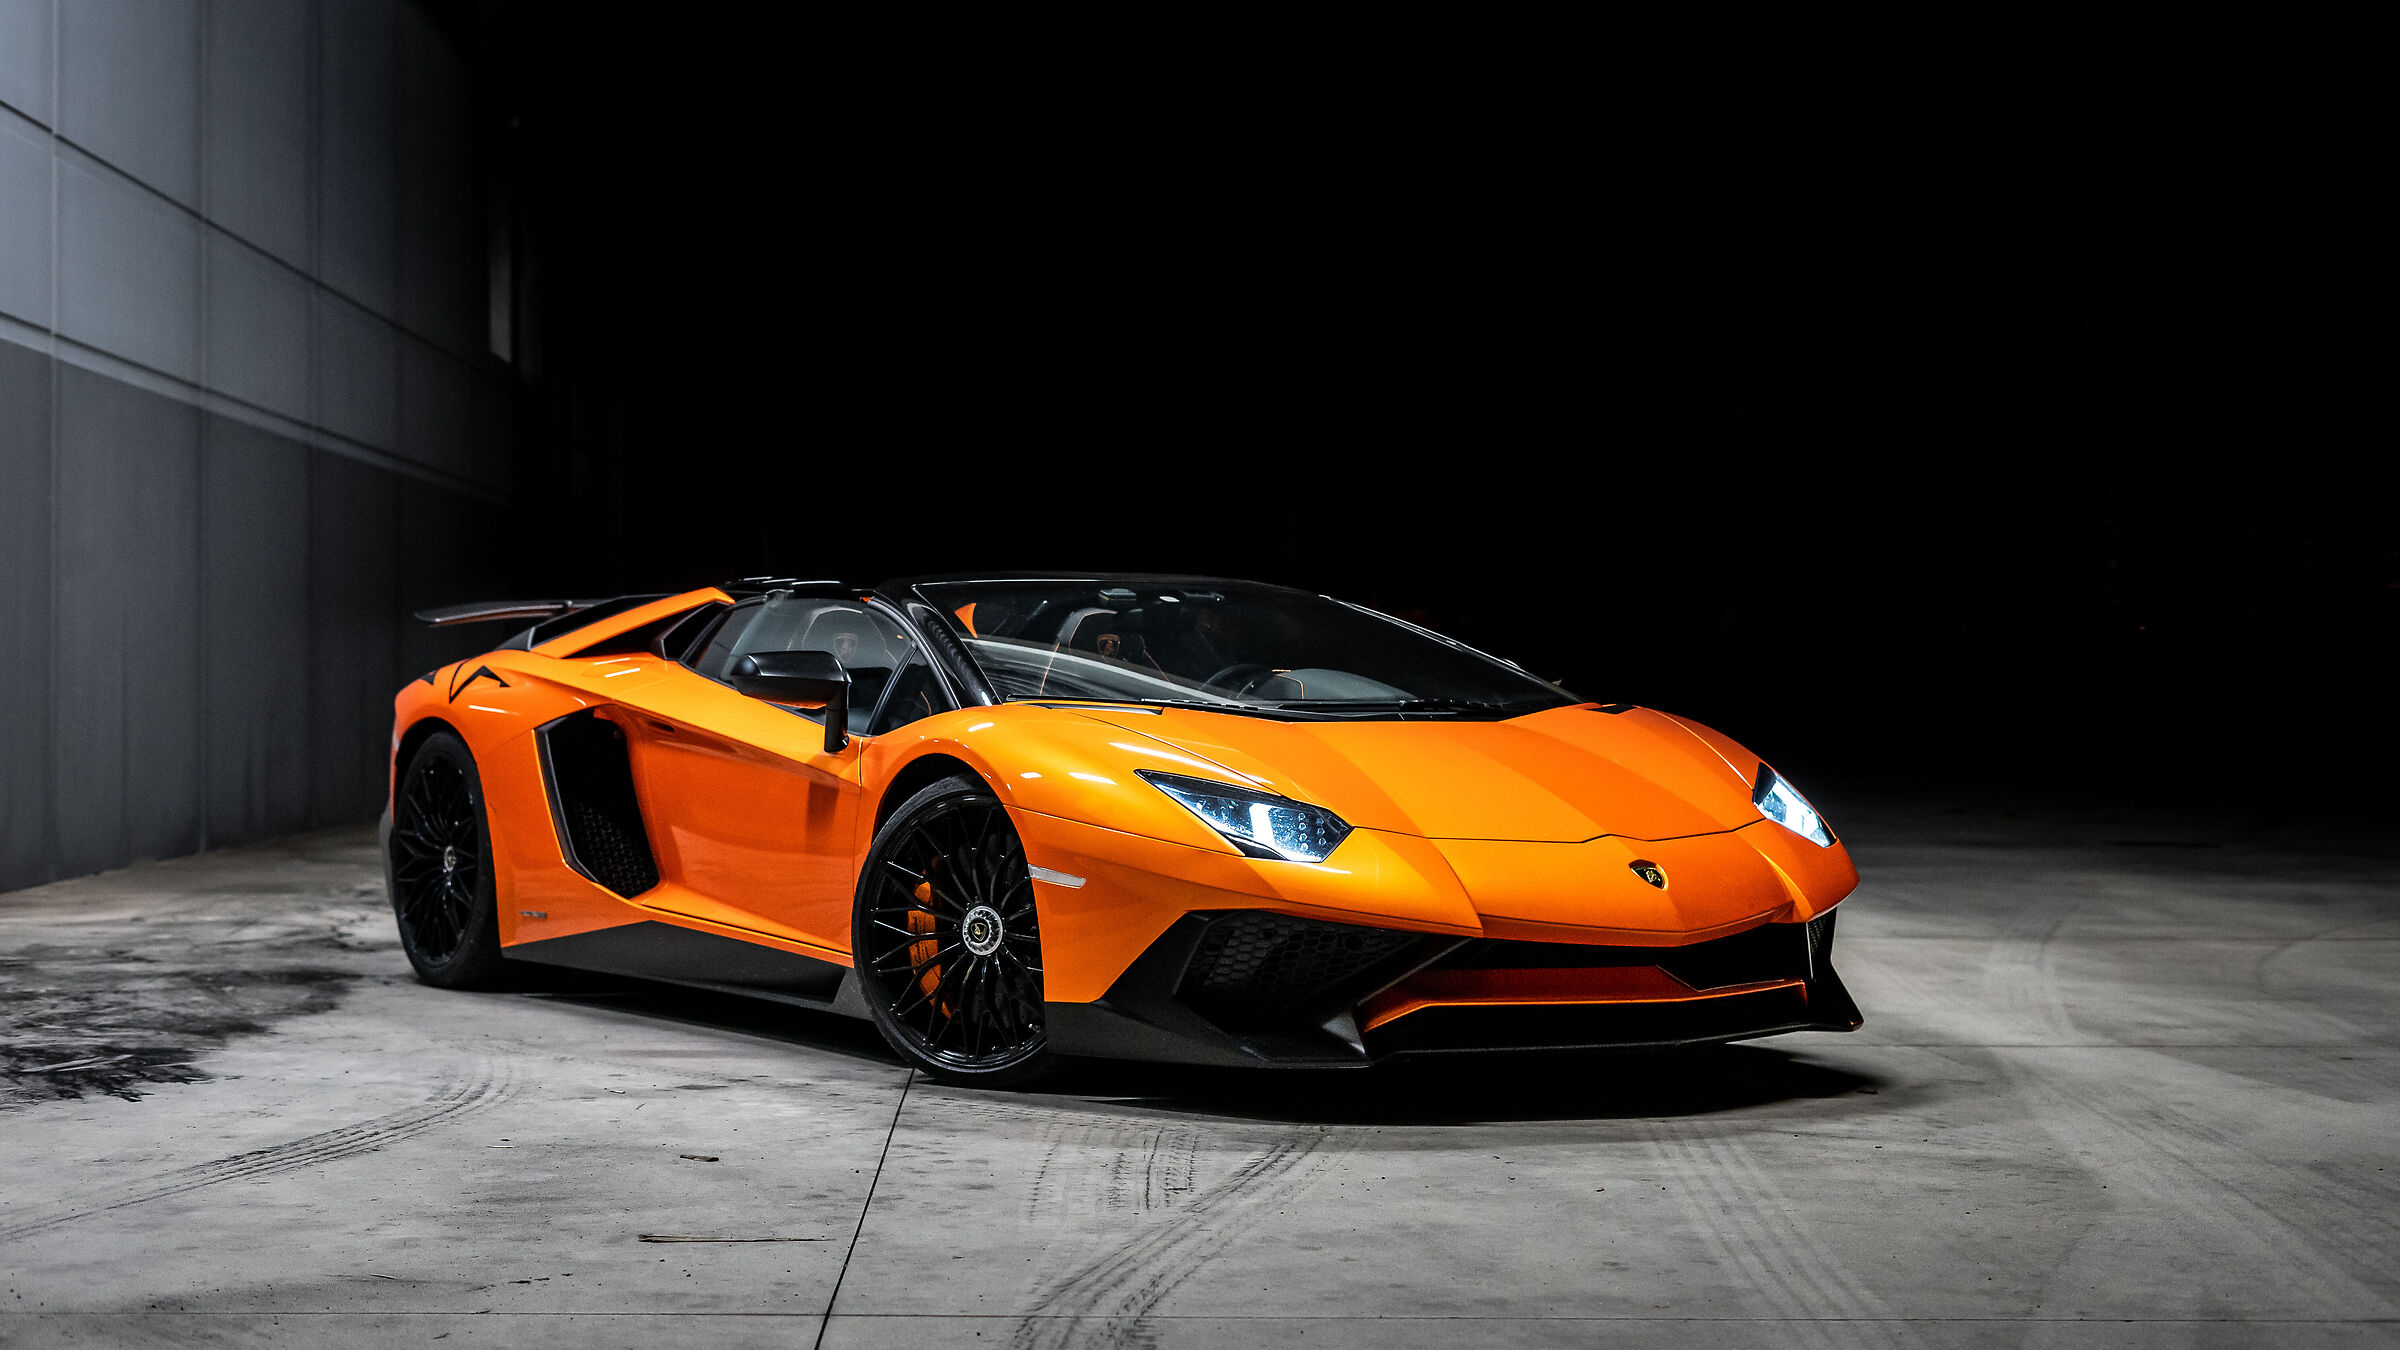 Lamborghini Aventador lp750-4 SuperVeloce...